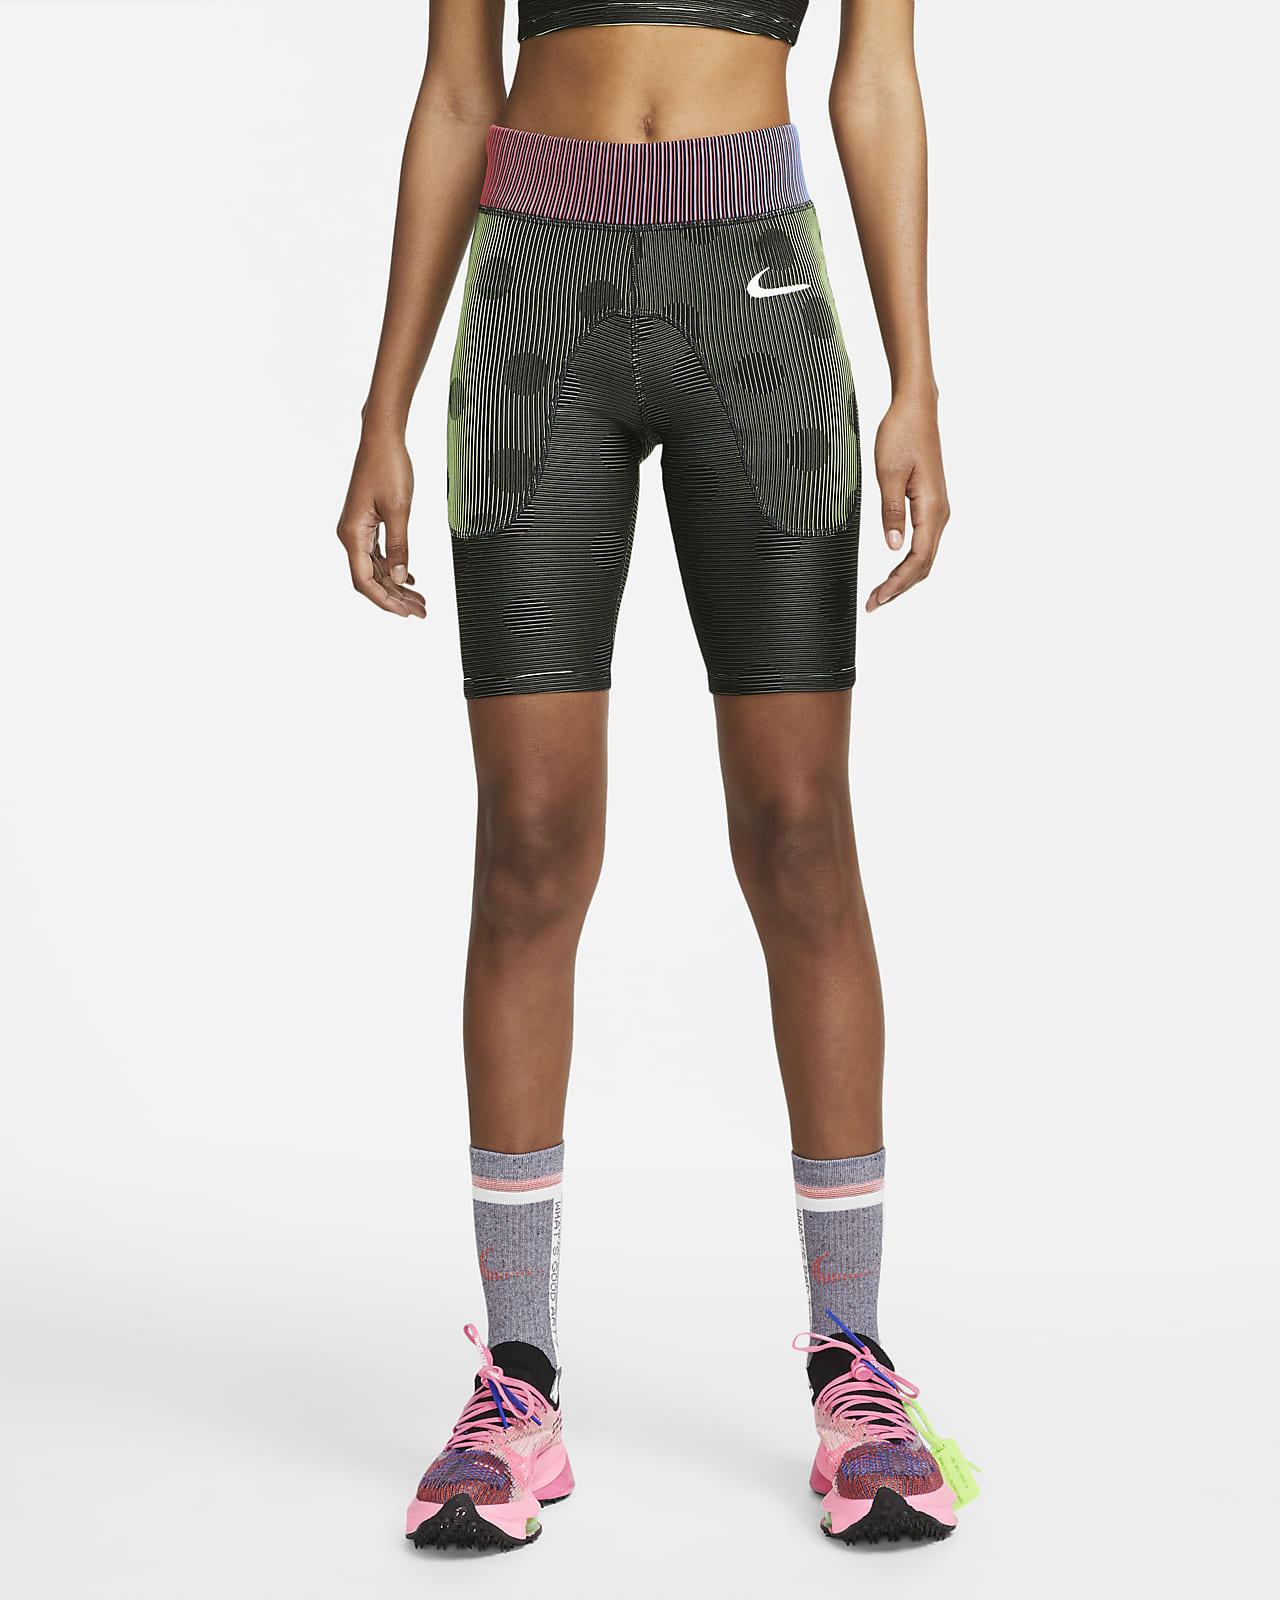 Nike x Off-White™ Shorts